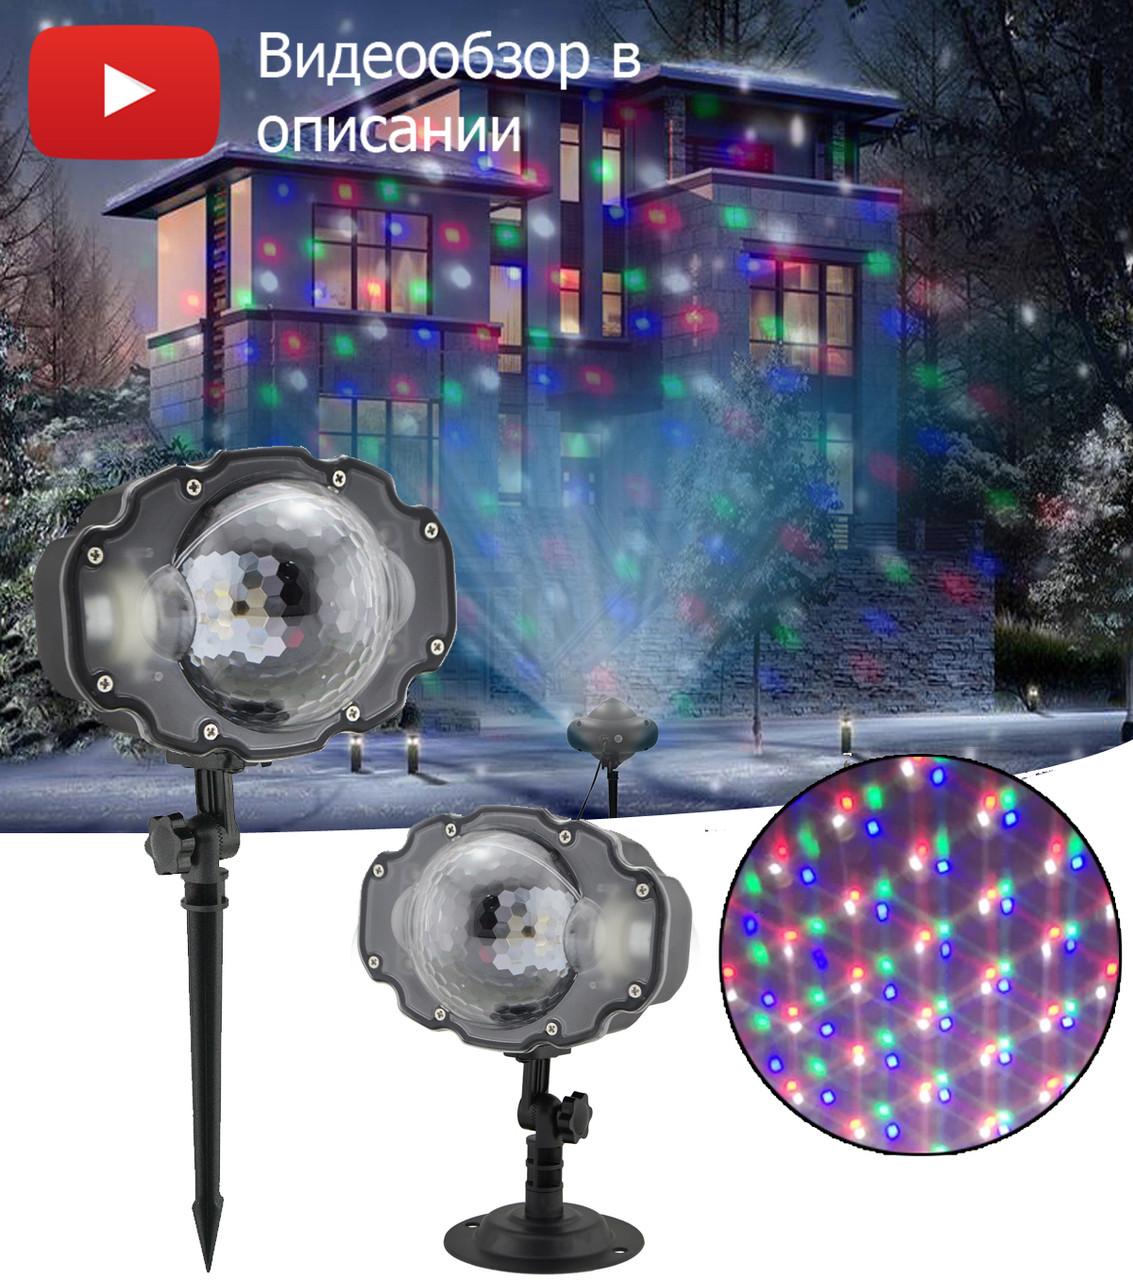 Лазерный проектор Star Shower WL-809 (разноцветные квадраты) (6736)